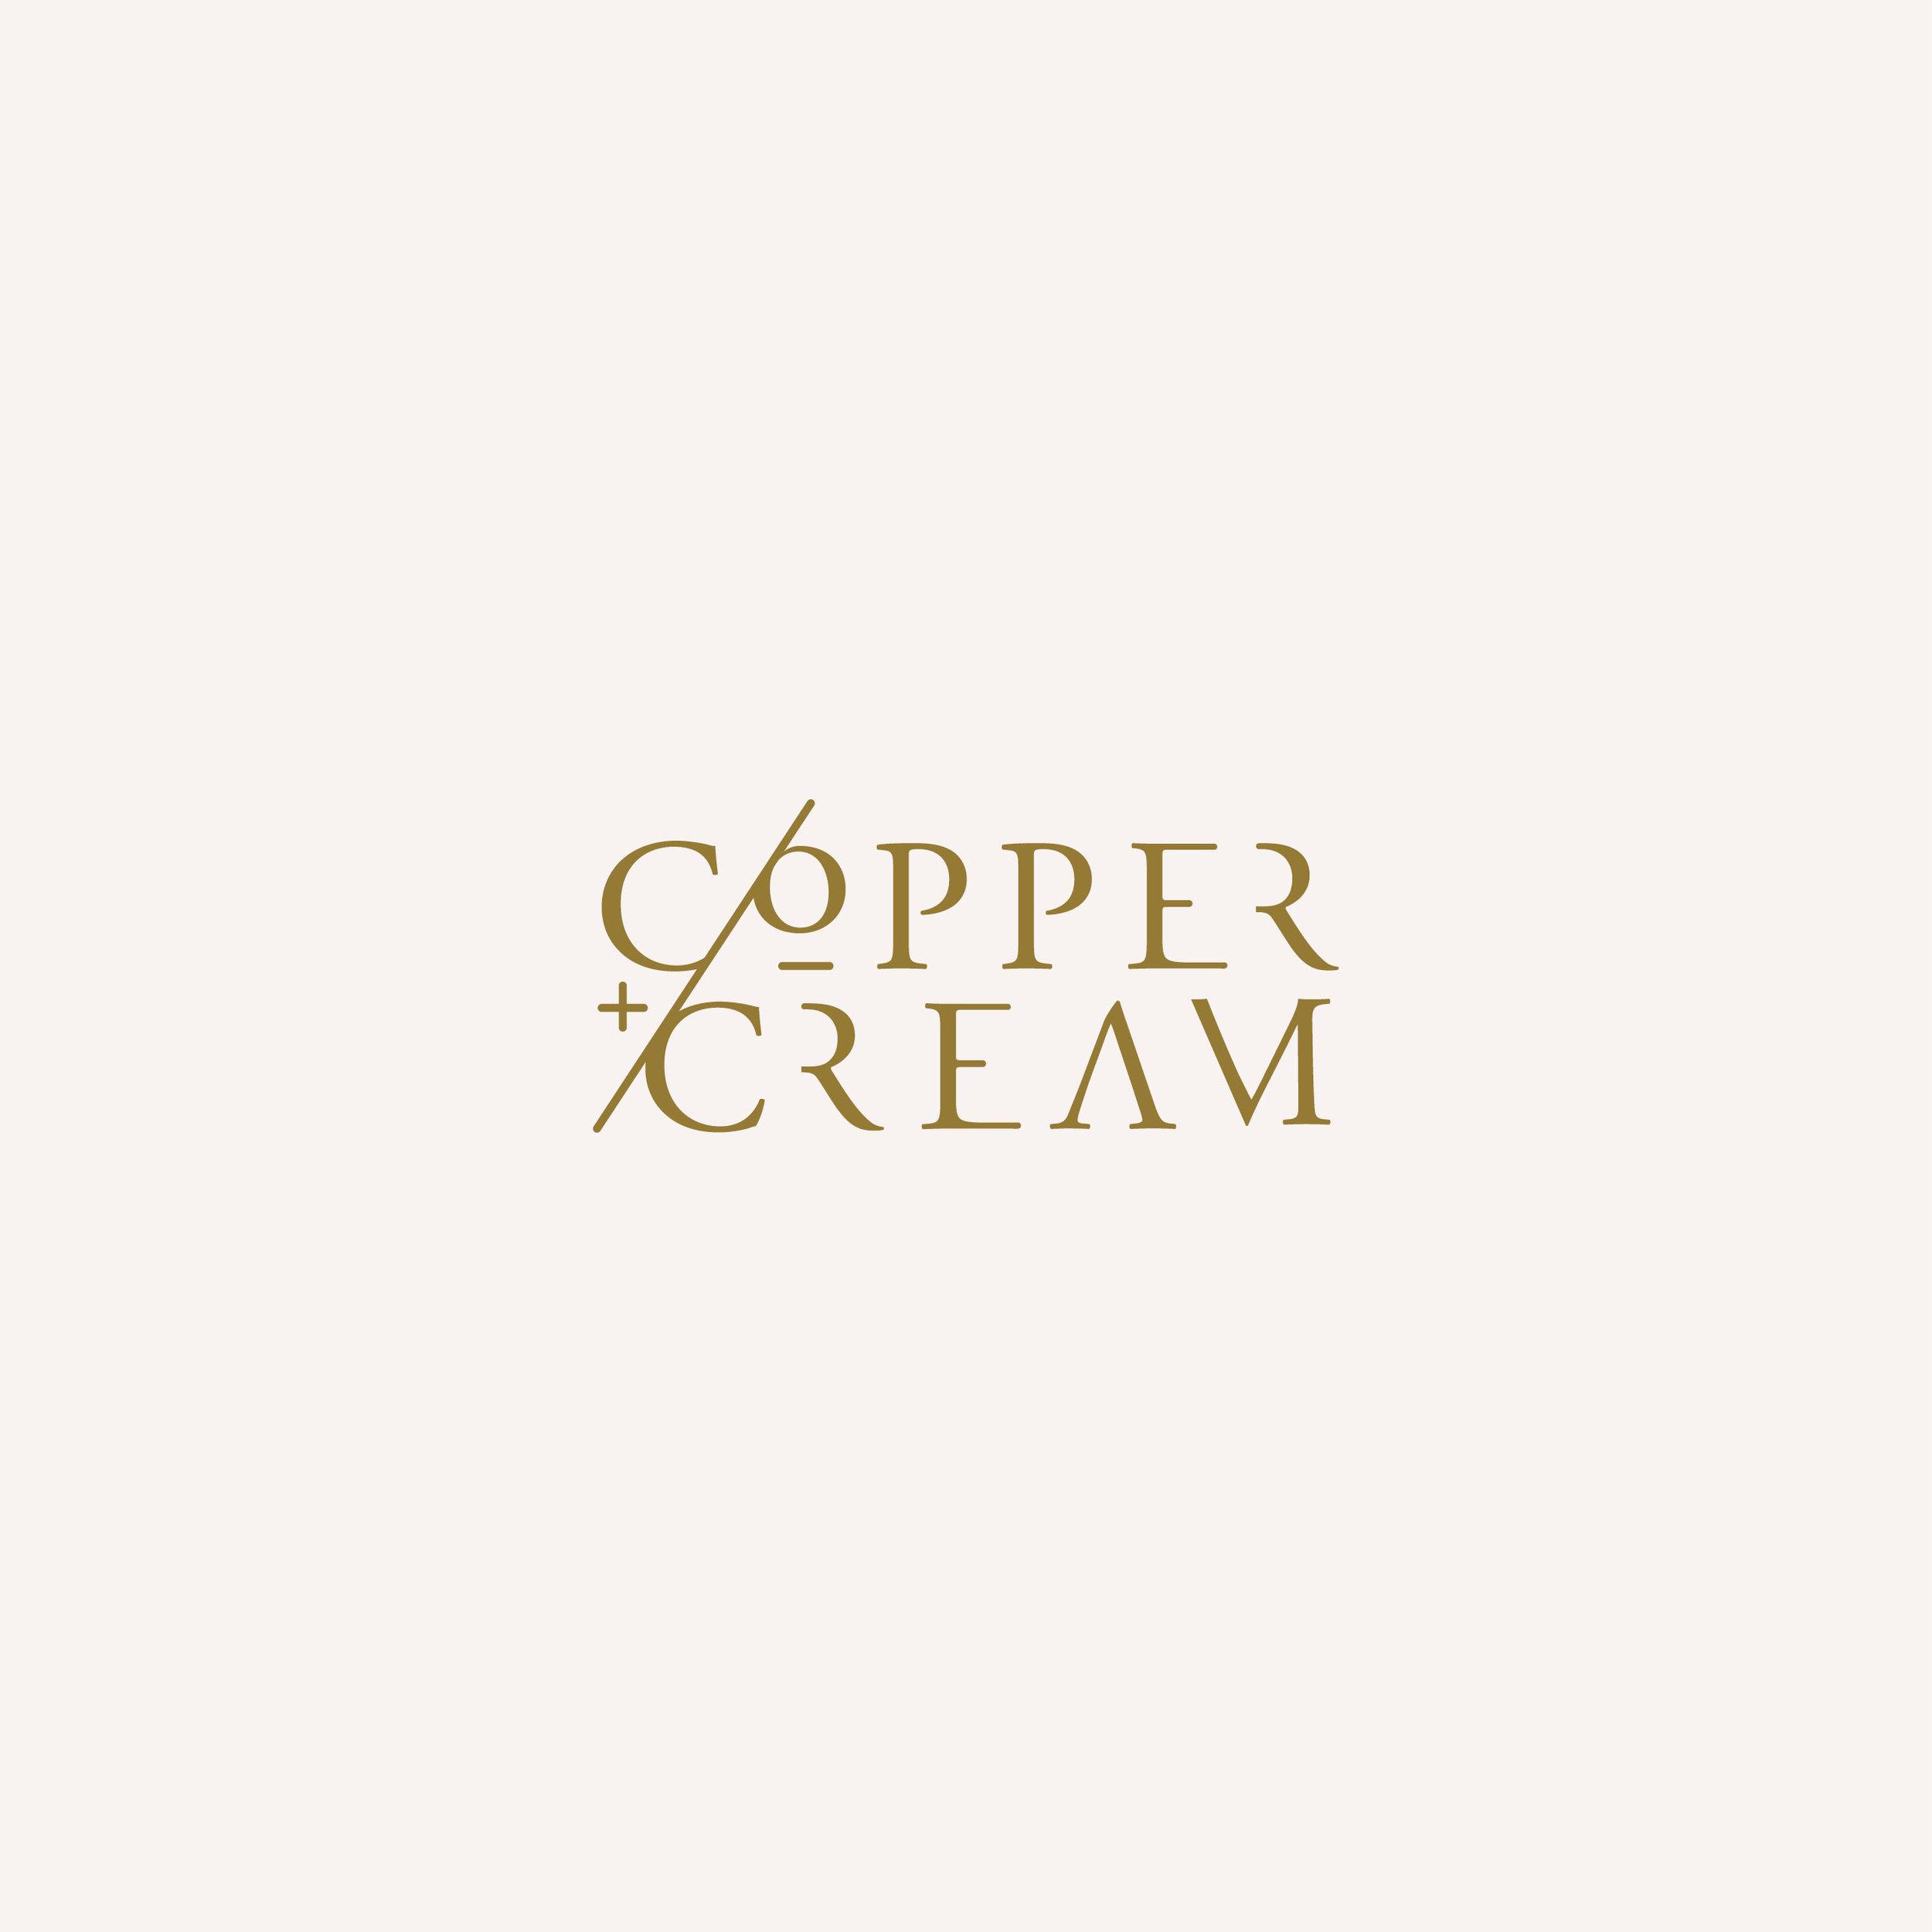 coppercream.jpg